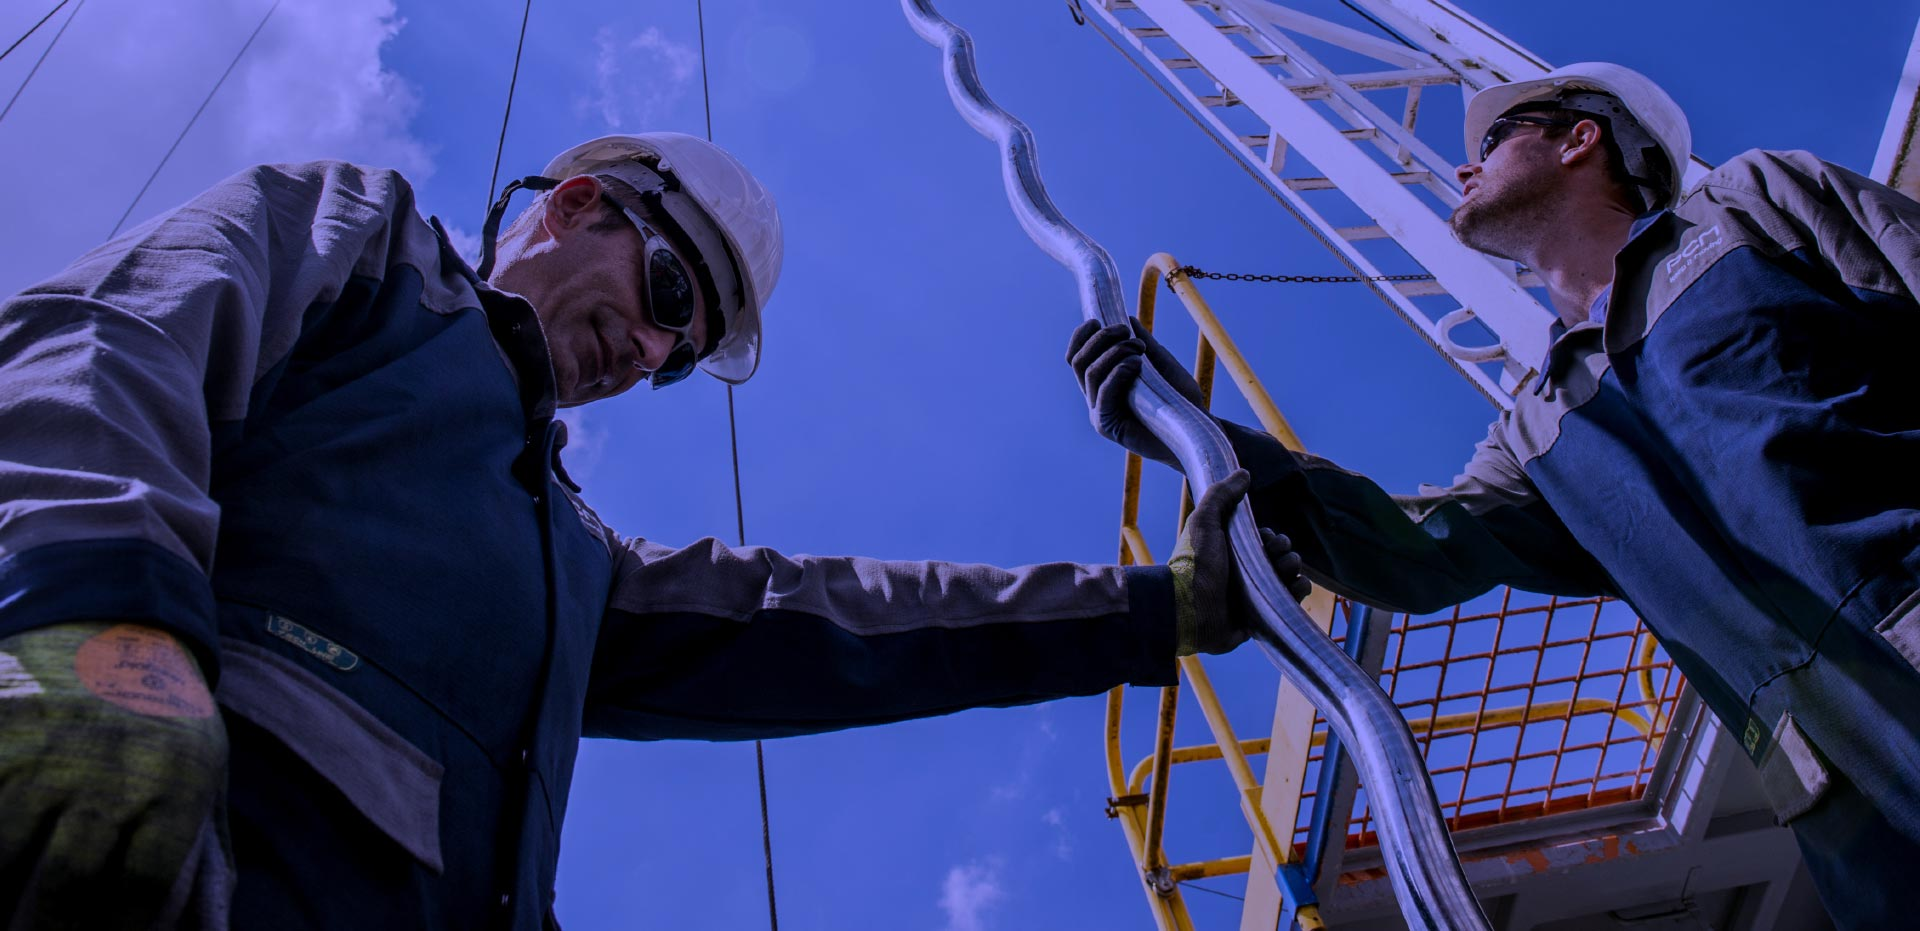 pcm-corporate-pompe-petrole-gaz